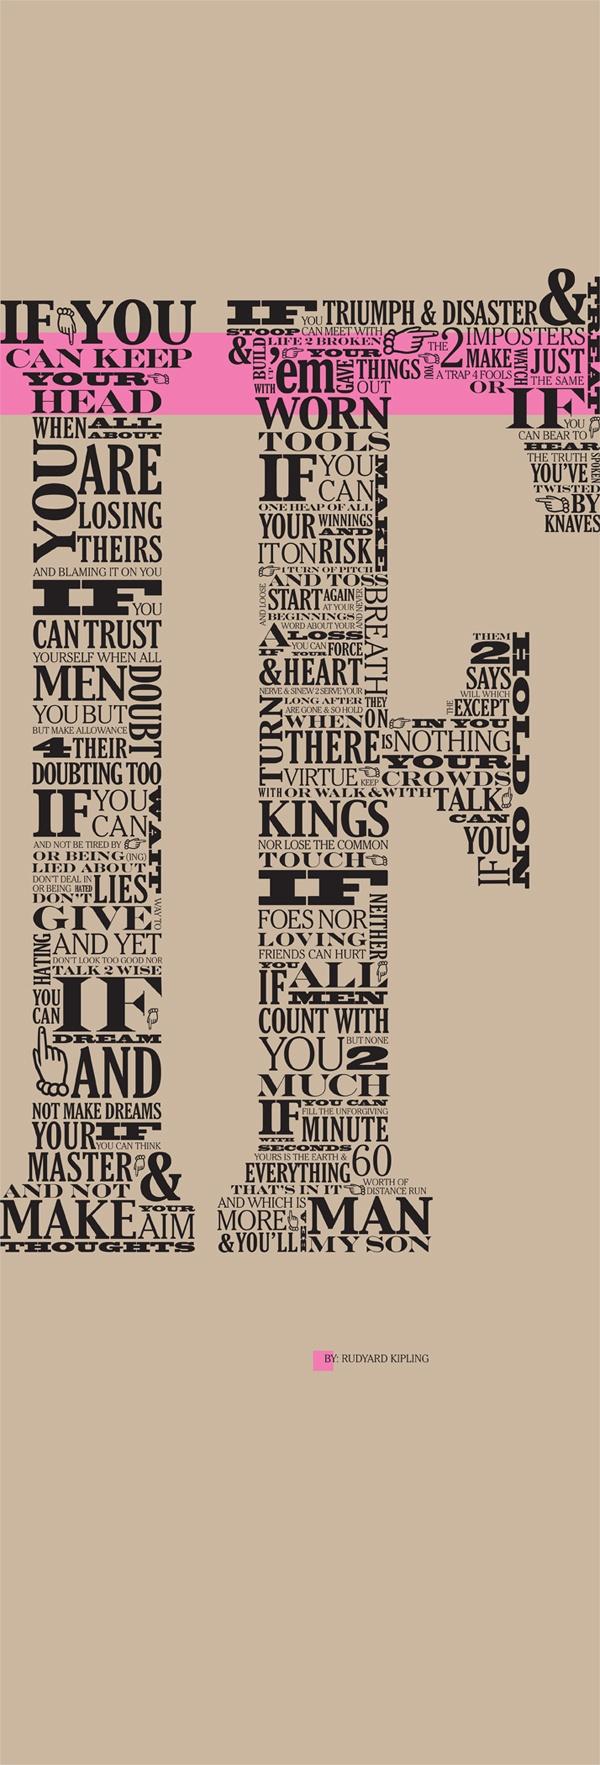 Rudyard If Kipling Poster